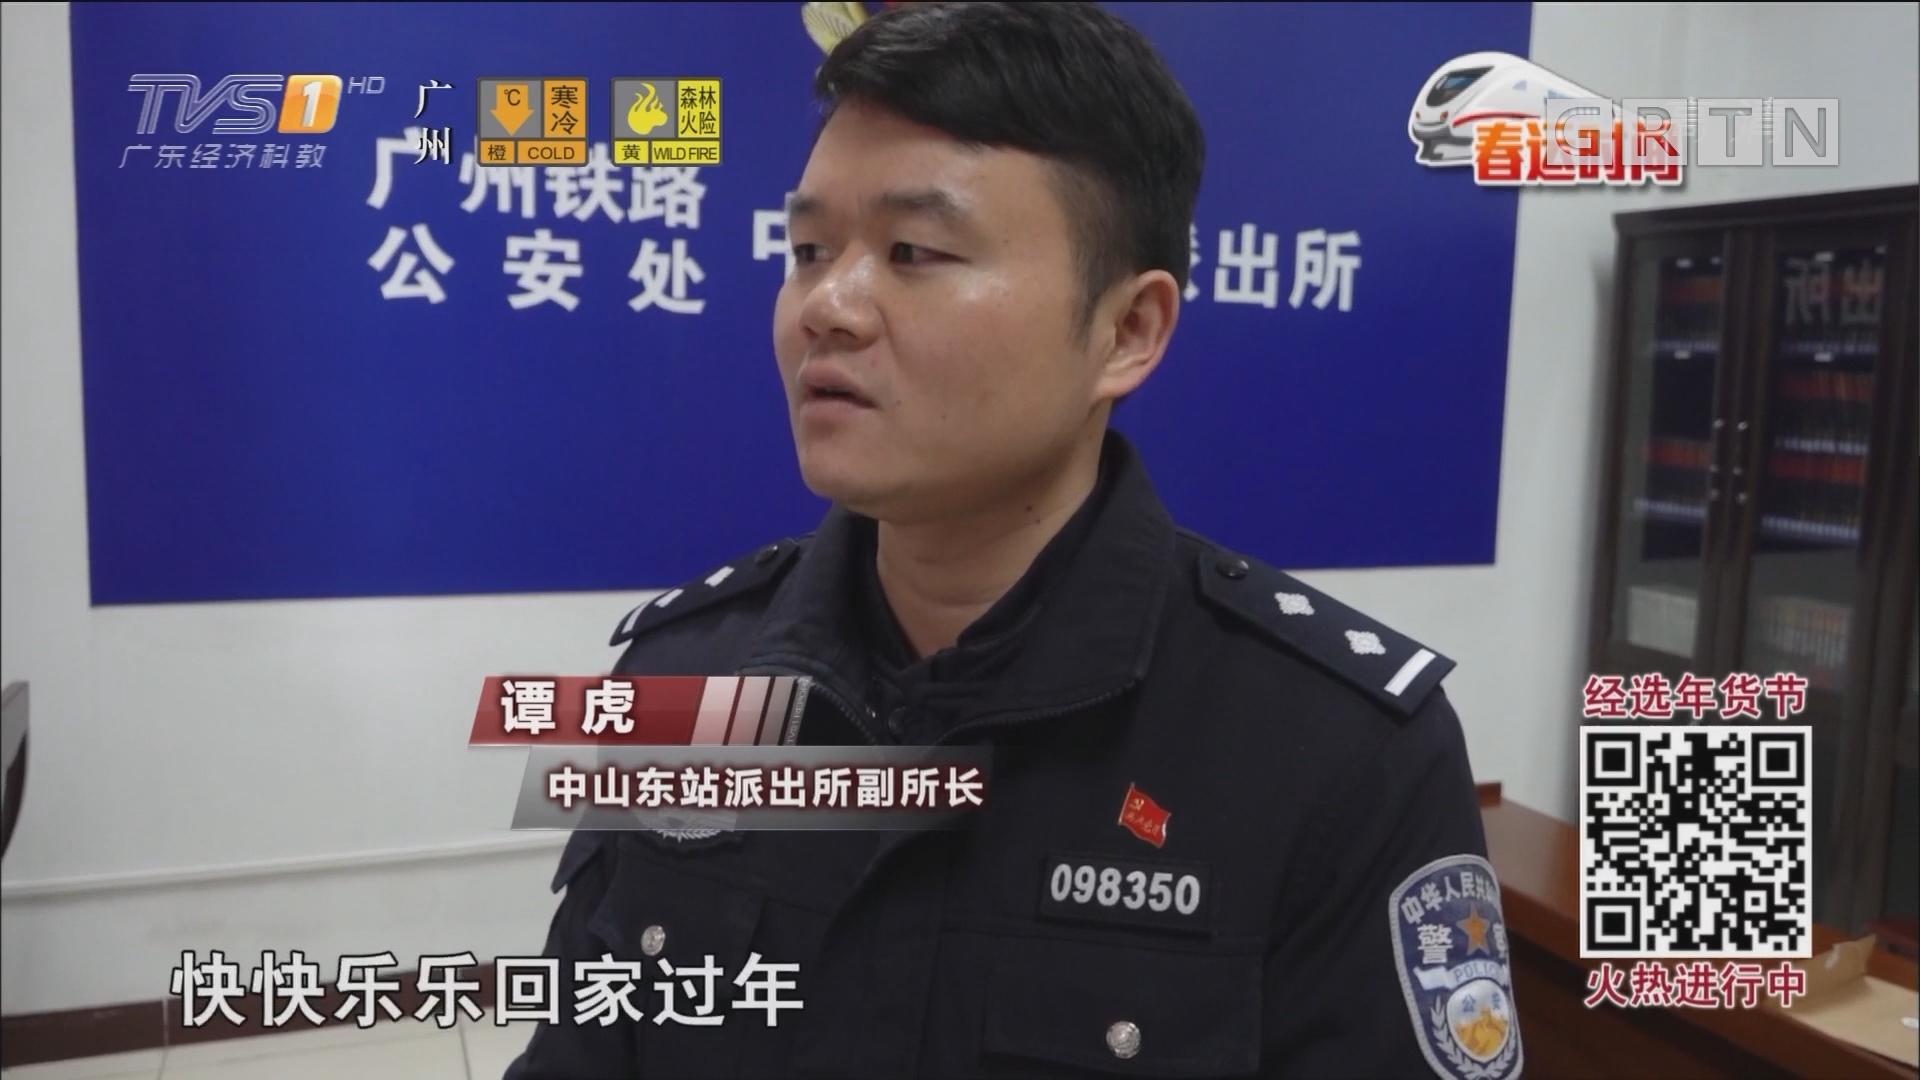 广铁警方捣毁倒卖车票窝点